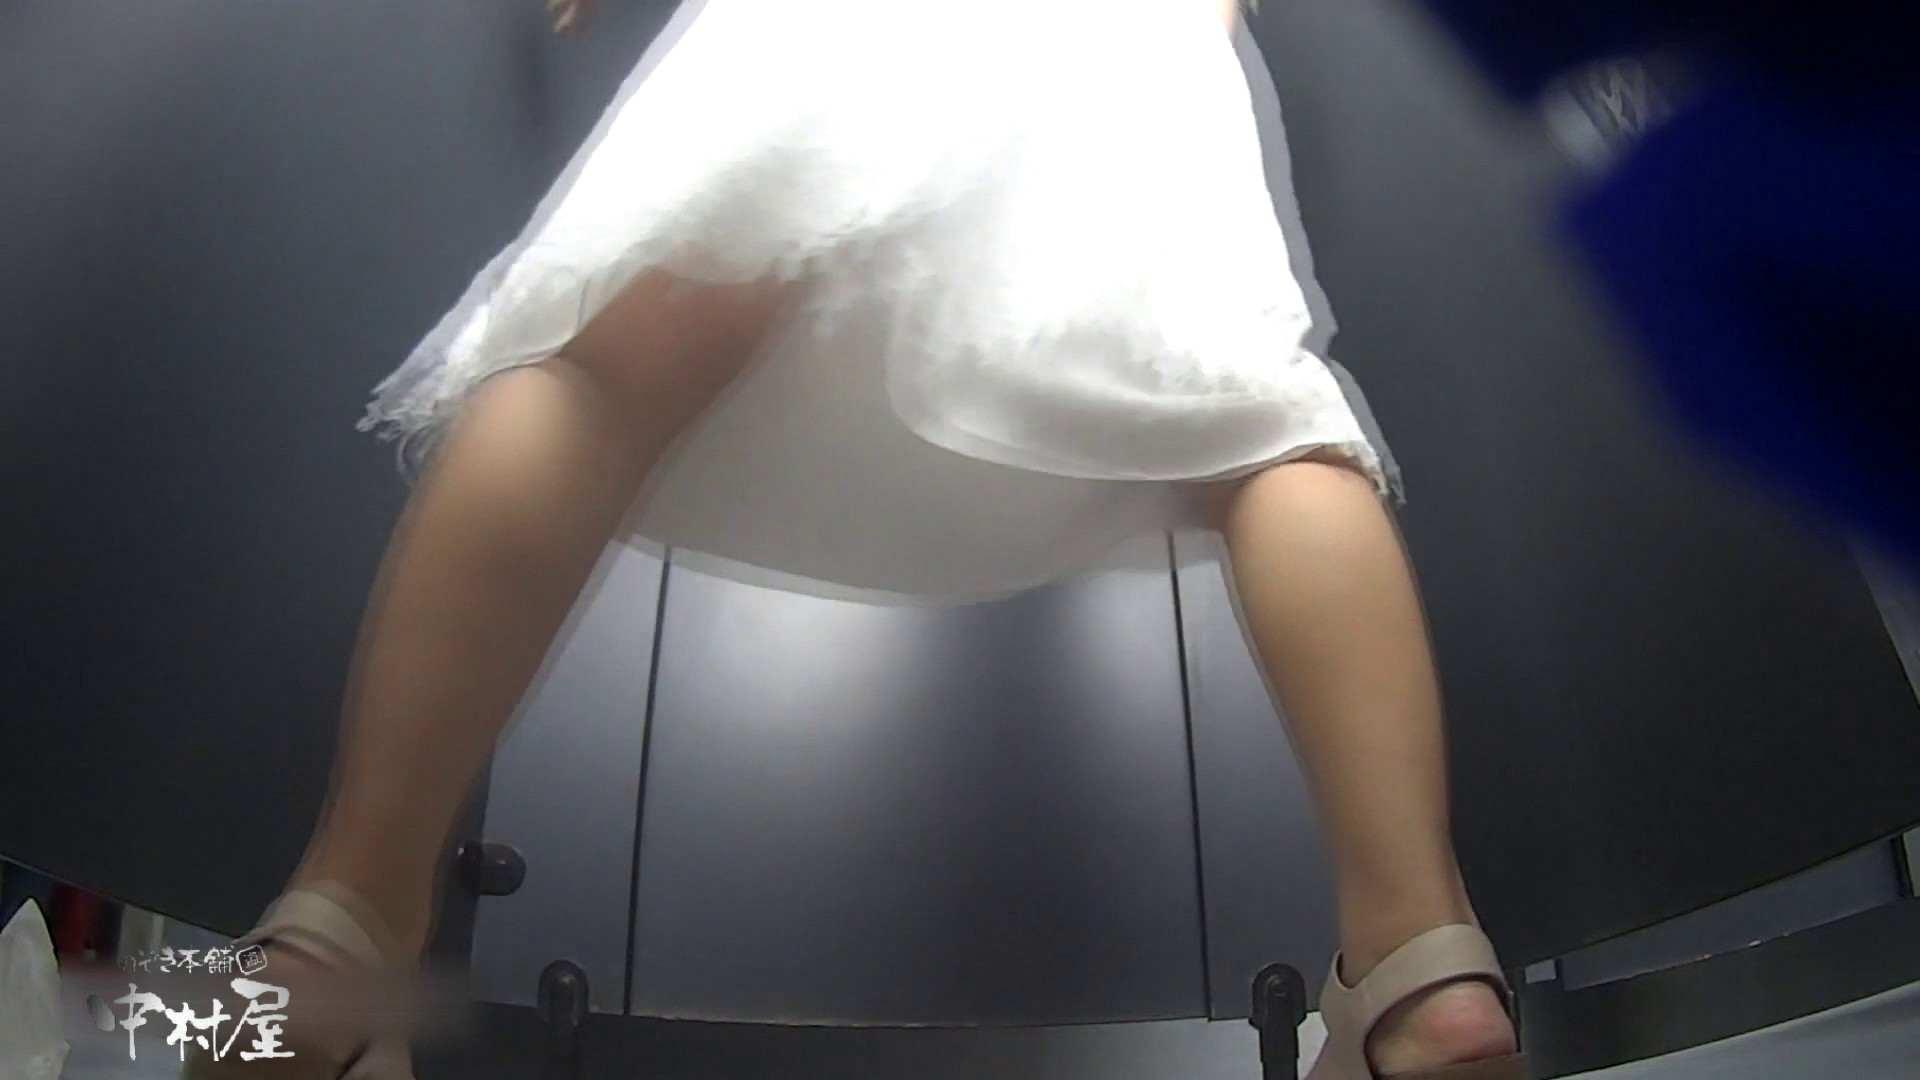 ツンデレお女市さんのトイレ事情 大学休憩時間の洗面所事情32 お色気美女 AV動画キャプチャ 90枚 68